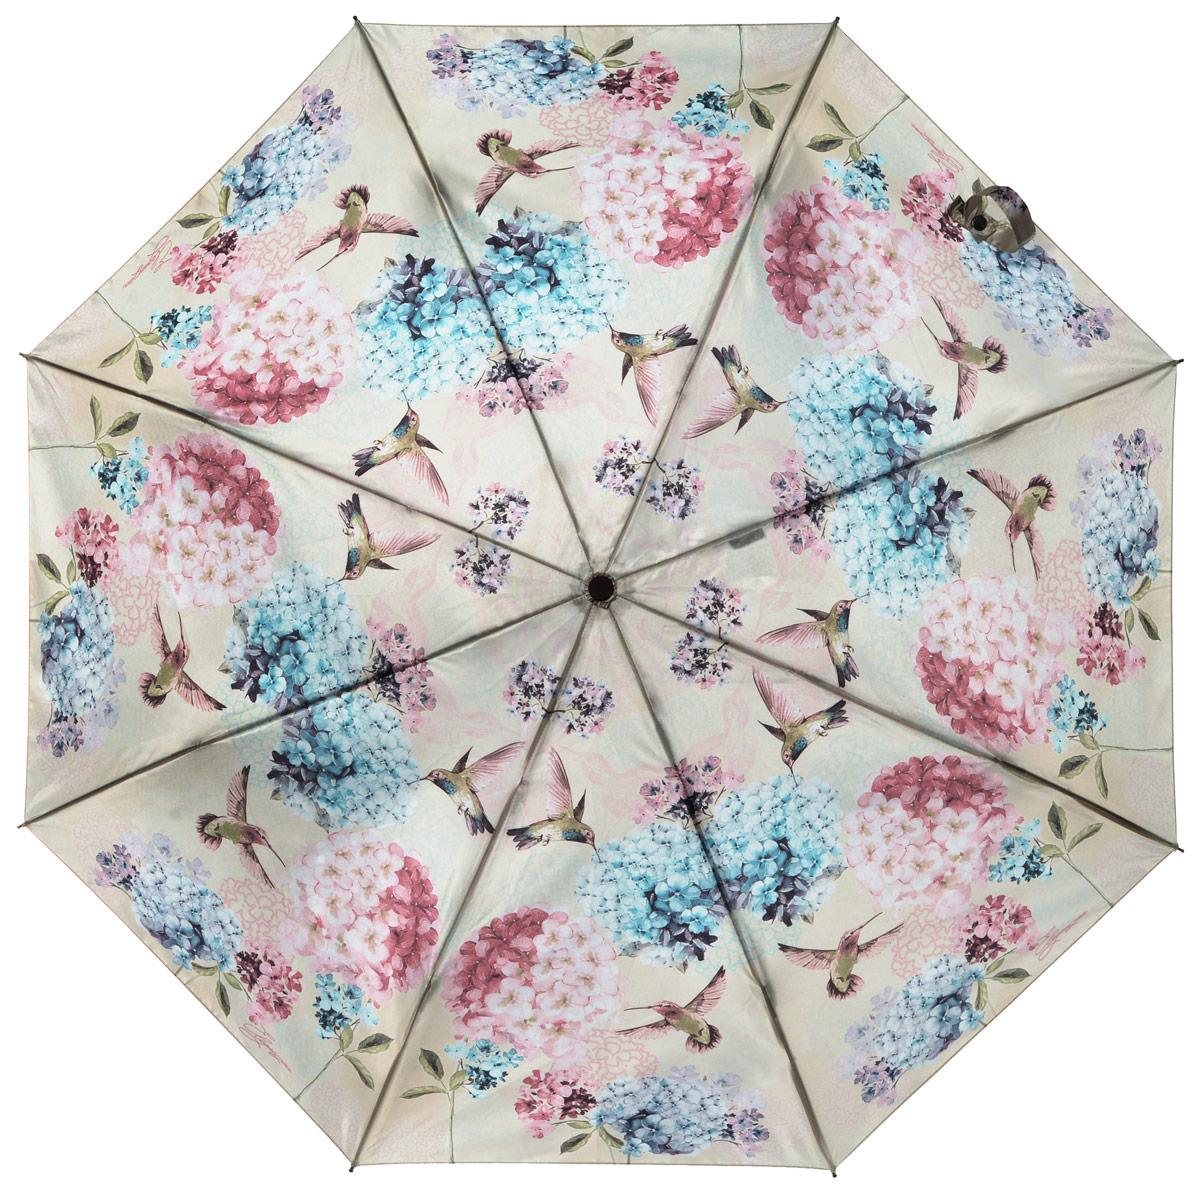 Зонт женский Eleganzza, автомат, 3 сложения, цвет: бежевый. A3-05-0255LA3-05-0255LСтильный и элегантный зонт Eleganzza не оставит вас незамеченной. Зонт оформлен оригинальным принтом в виде цветов. Зонт состоит из восьми спиц и стержня, изготовленных из стали и фибергласса. Купол выполнен из качественного полиэстера и сатина, которые не пропускают воду. Зонт дополнен удобной ручкой из пластика. Зонт имеет автоматический механизм сложения: купол открывается и закрывается нажатием кнопки на ручке, стержень складывается вручную до характерного щелчка, благодаря чему открыть и закрыть зонт можно одной рукой. Ручка дополнена петлей, благодаря которой зонт можно носить на запястье . К зонту прилагается чехол. Удобный и практичный аксессуар даже в ненастную погоду позволит вам оставаться женственной и привлекательной.